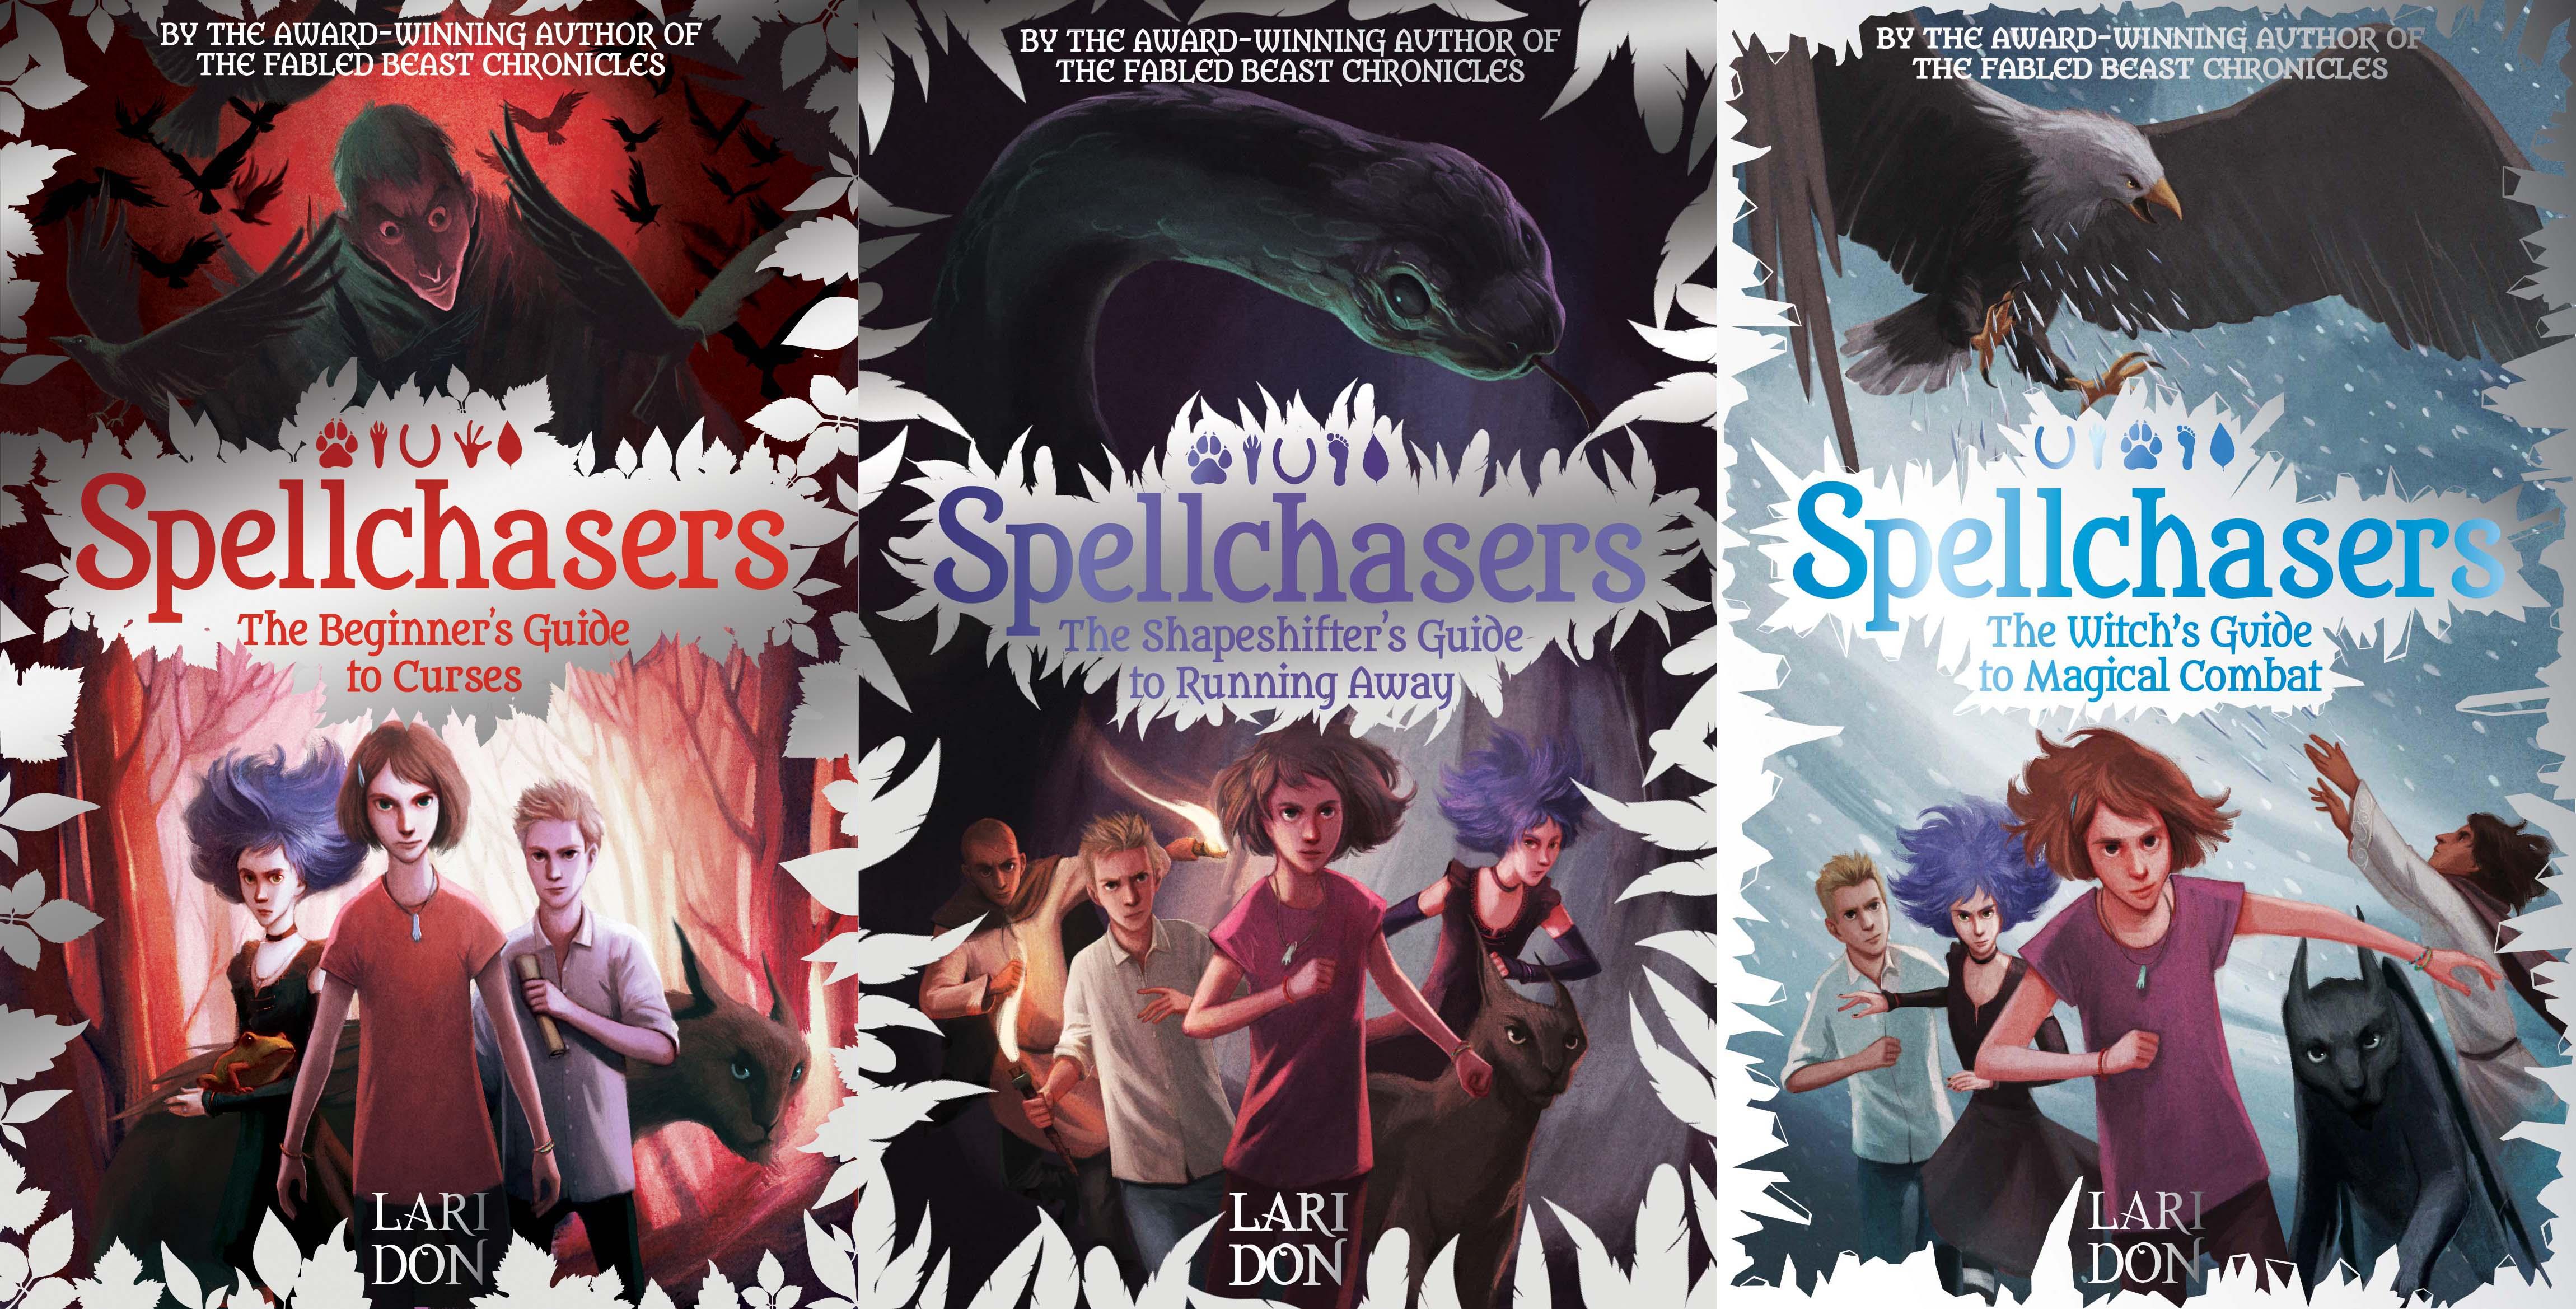 Lari Don: A Season of Endings